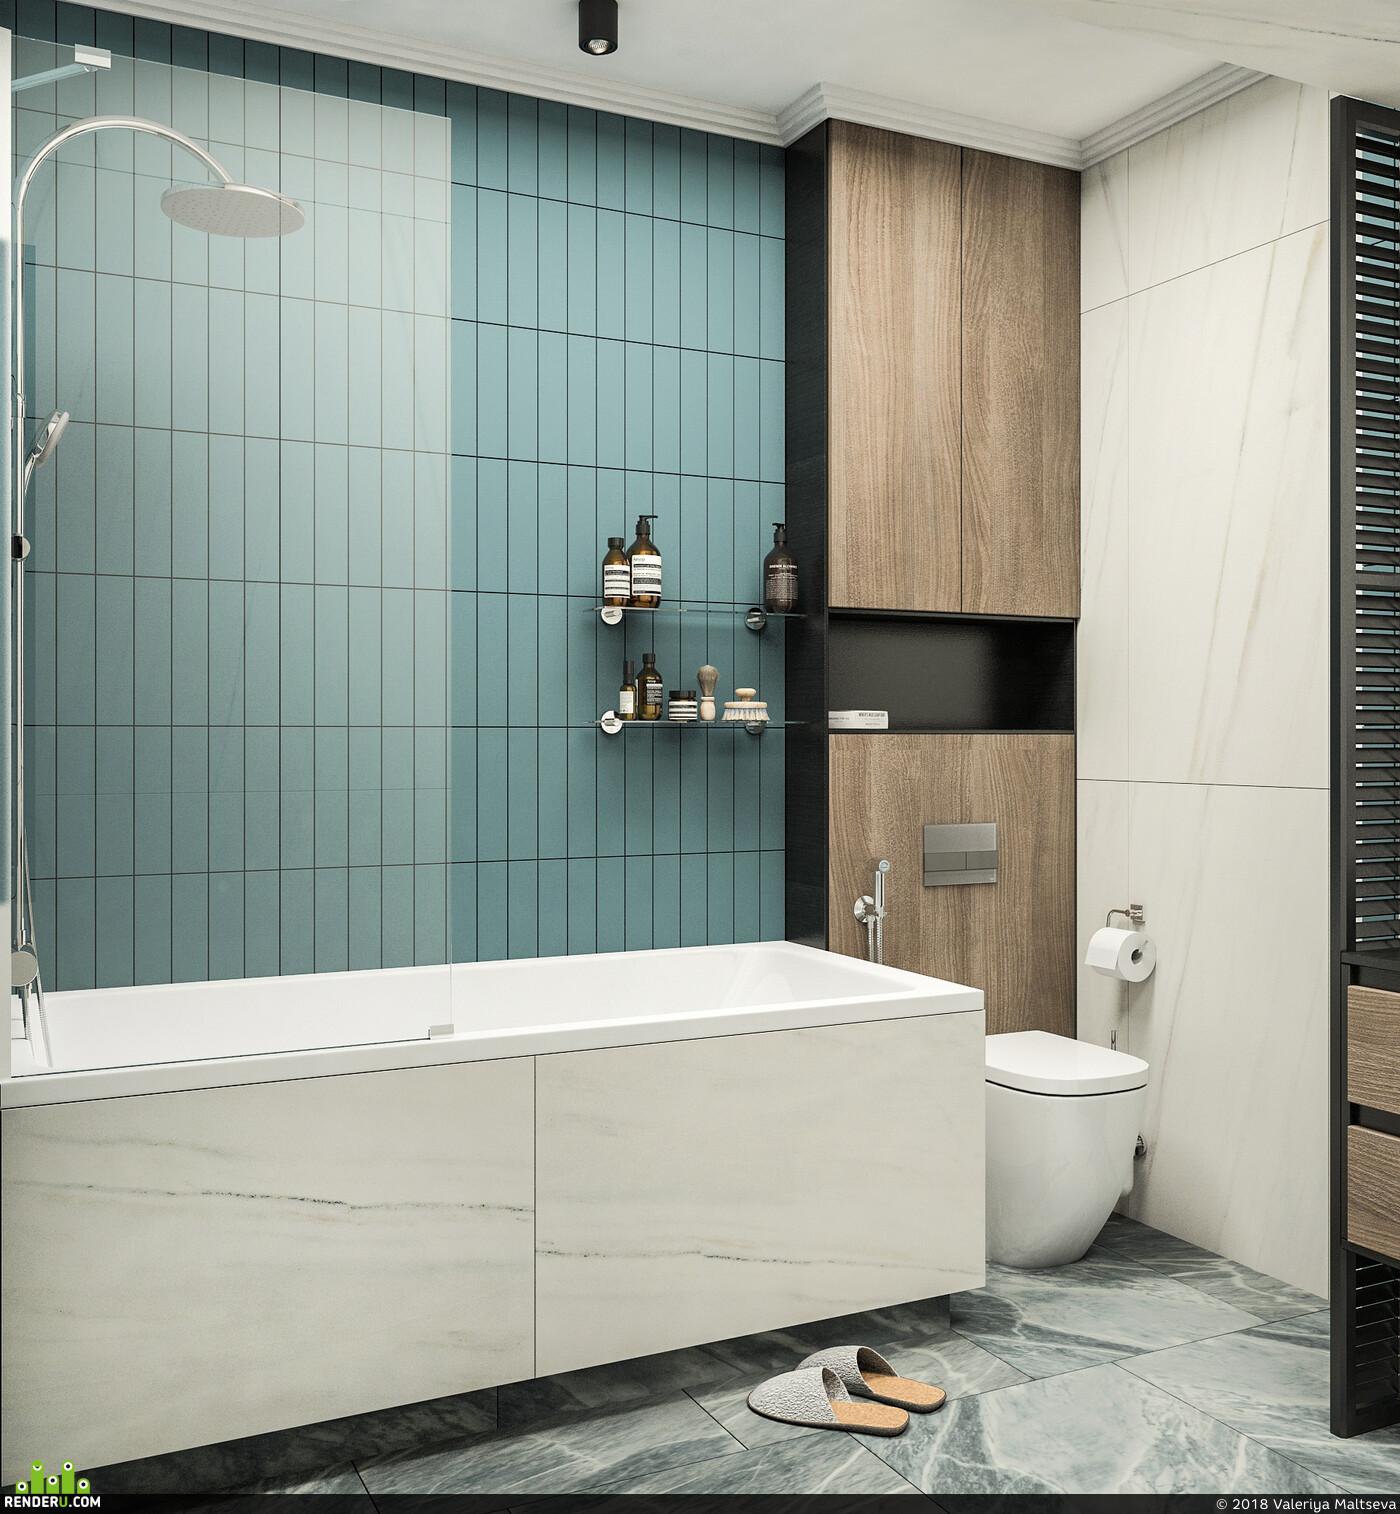 интерьер, дизайн интерьера, 3д визуализация интерьера, интерьер ванной комнаты, ванная комната, санузел, 3D Studio Max